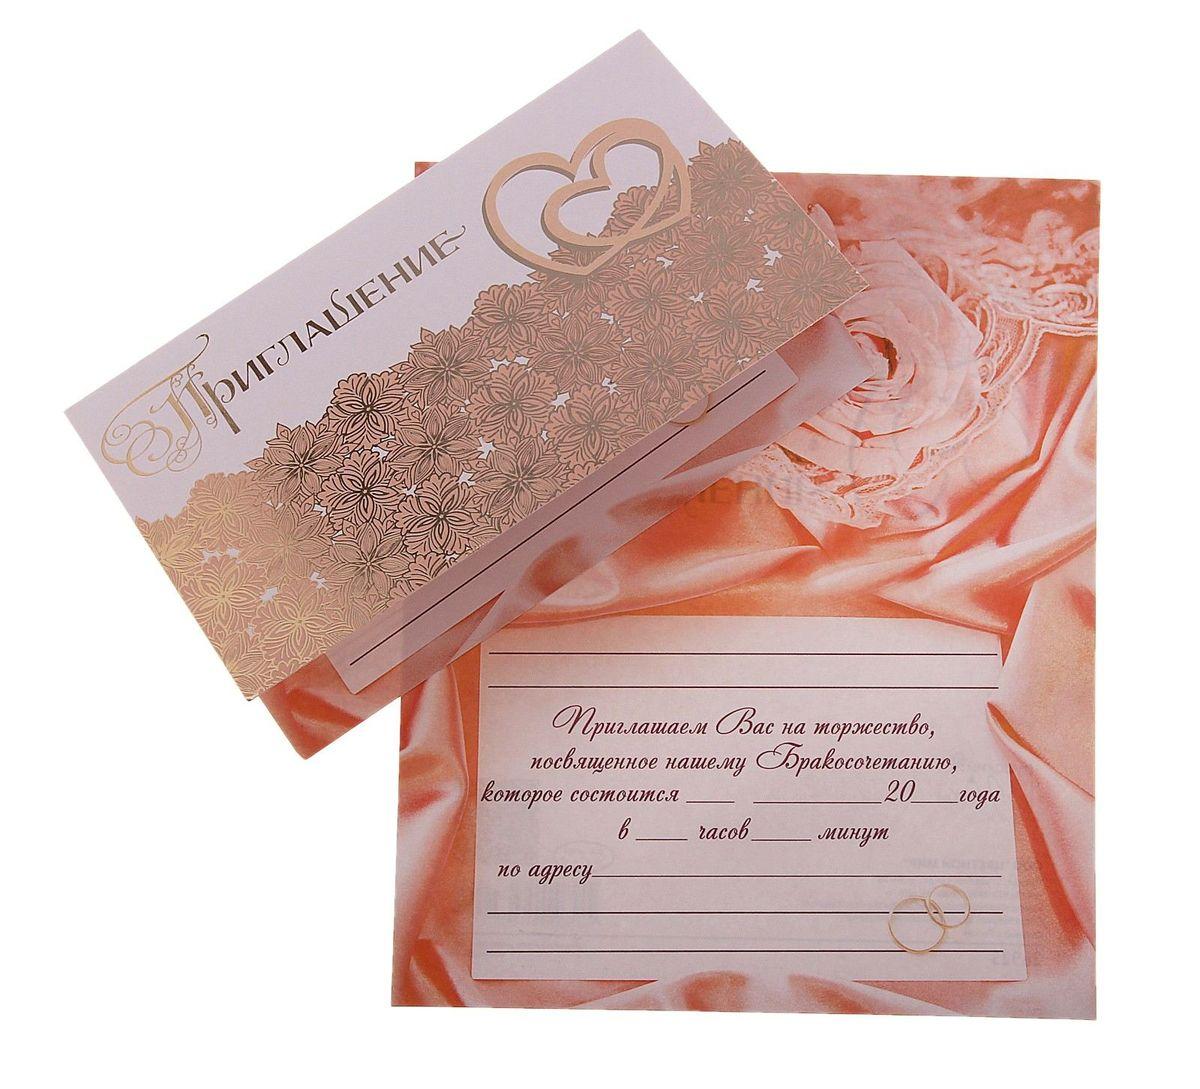 Приглашение на свадьбу Русский дизайн Желтые цветы, 15 х 10 смNLED-454-9W-BKКрасивая свадебная пригласительная открытка станет незаменимым атрибутом подготовки к предстоящему торжеству и позволит объявить самым дорогим вам людям о важном событии в вашей жизни. Приглашение на свадьбу Русский дизайн Желтые цветы, выполненное изкартона, отличается не только оригинальным дизайном, но и высоким качеством. Внутри - текстприглашения. Вам остается заполнить необходимые строки и раздать гостям.Устройте себе незабываемую свадьбу! Размер: 15 х 10 см.